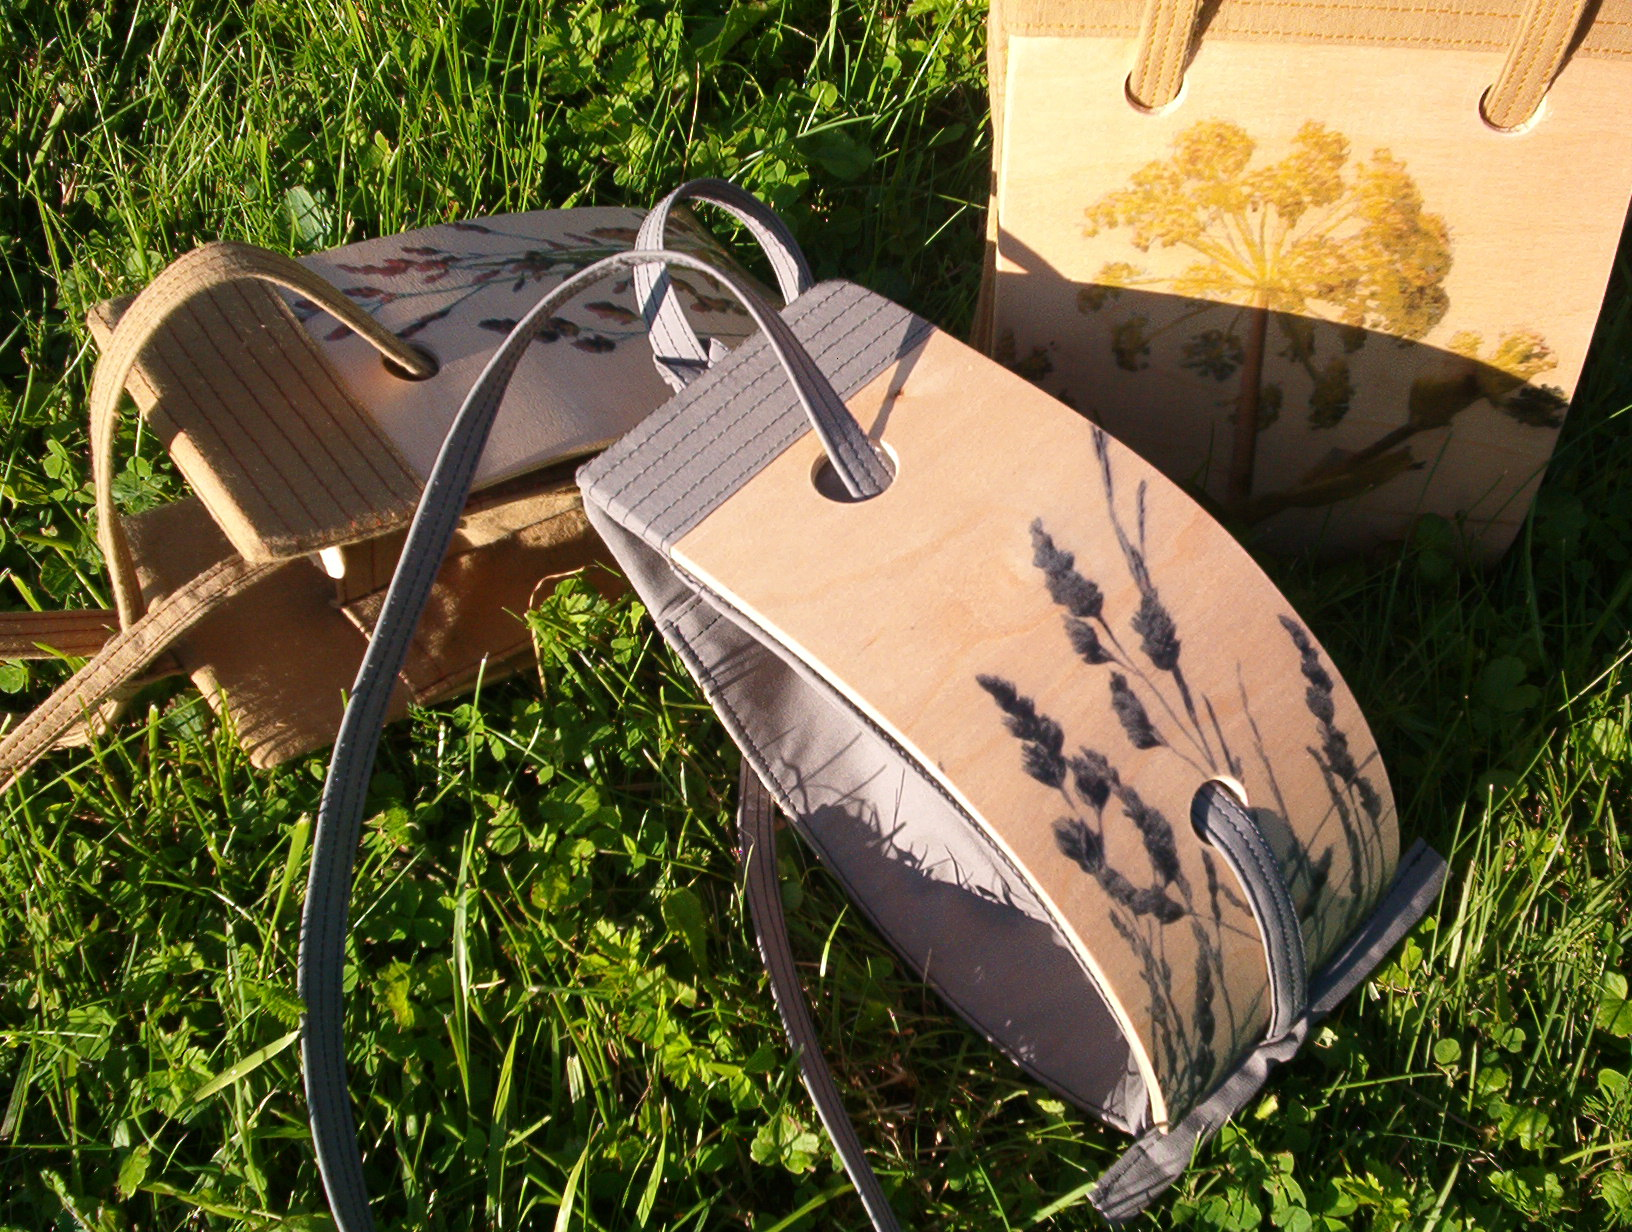 kolm puidust kotti